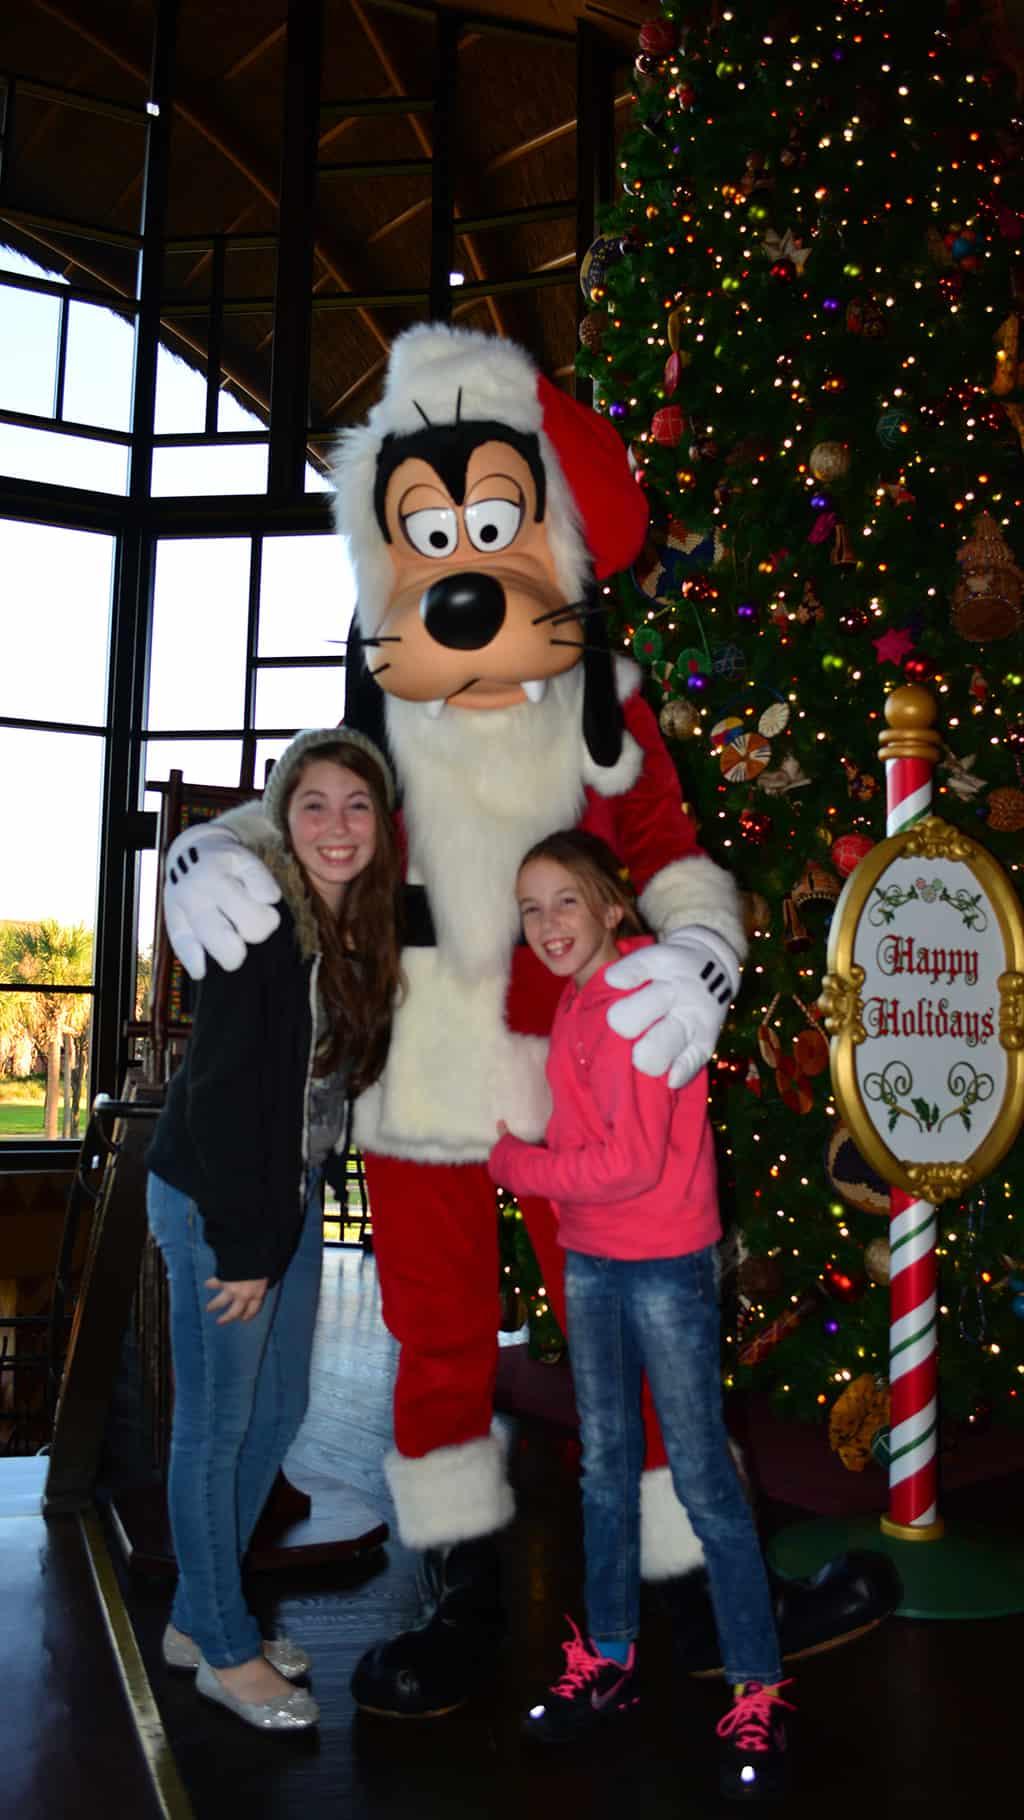 Santa Goofy Animal Kingdom Lodge Kidani Christmas Characters and Christmas Decor (6)